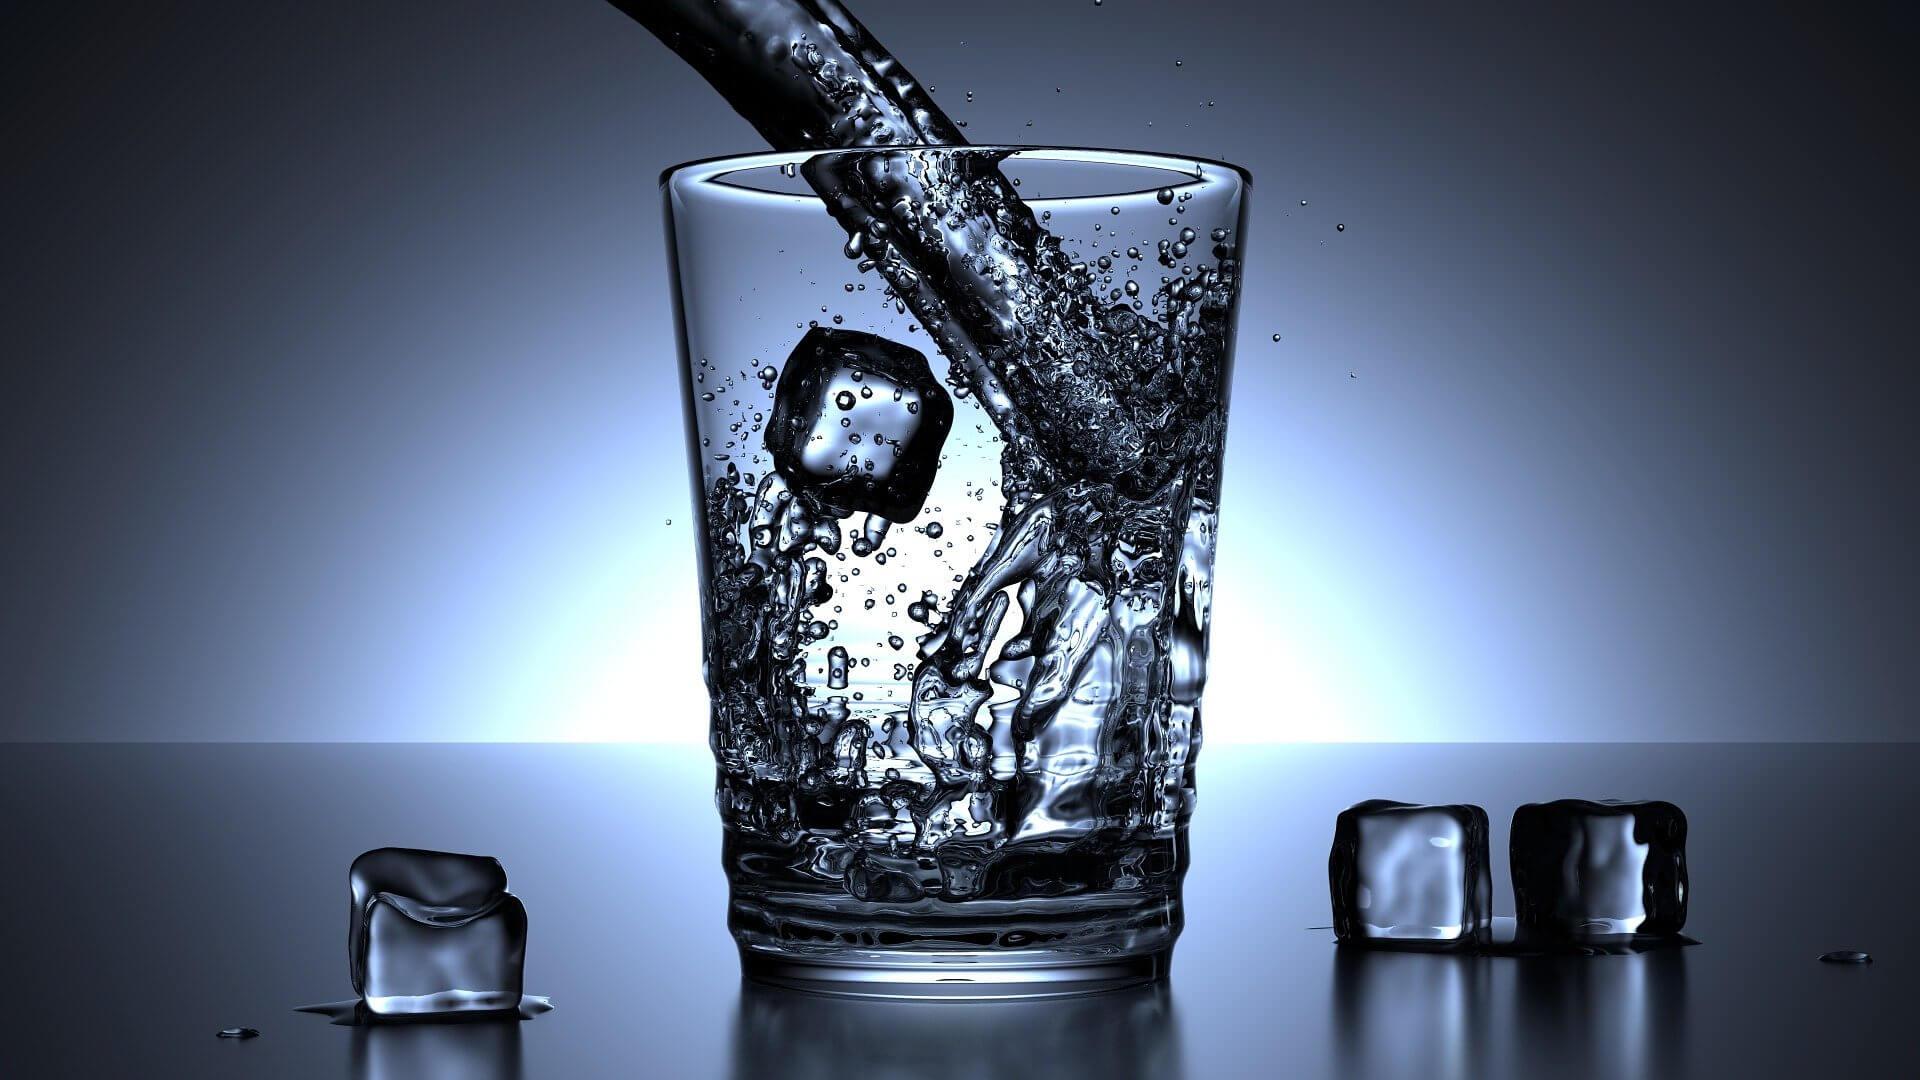 Bei der Tribulus Terrestris Einnahme sollte man ein großes Glas Wasser trinken